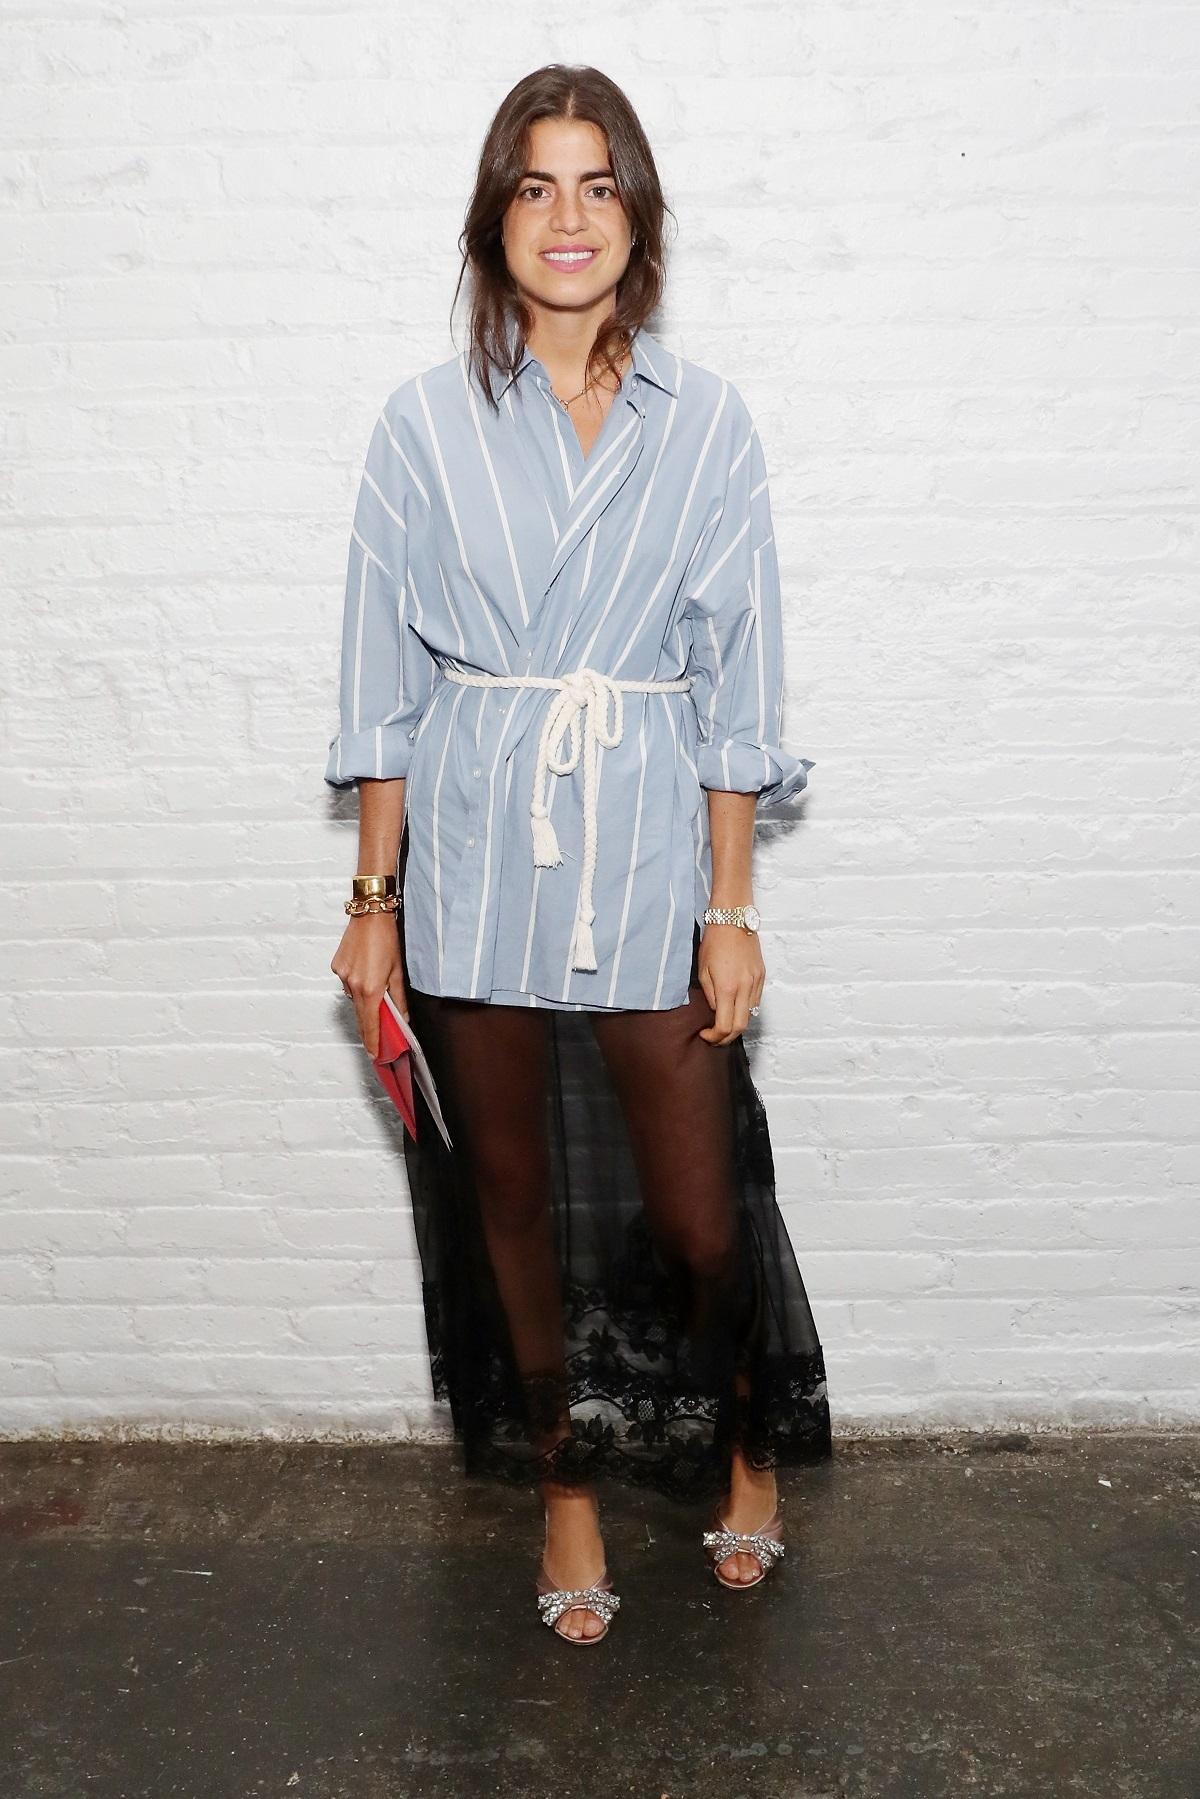 Leandra Medine con camisa y falda.